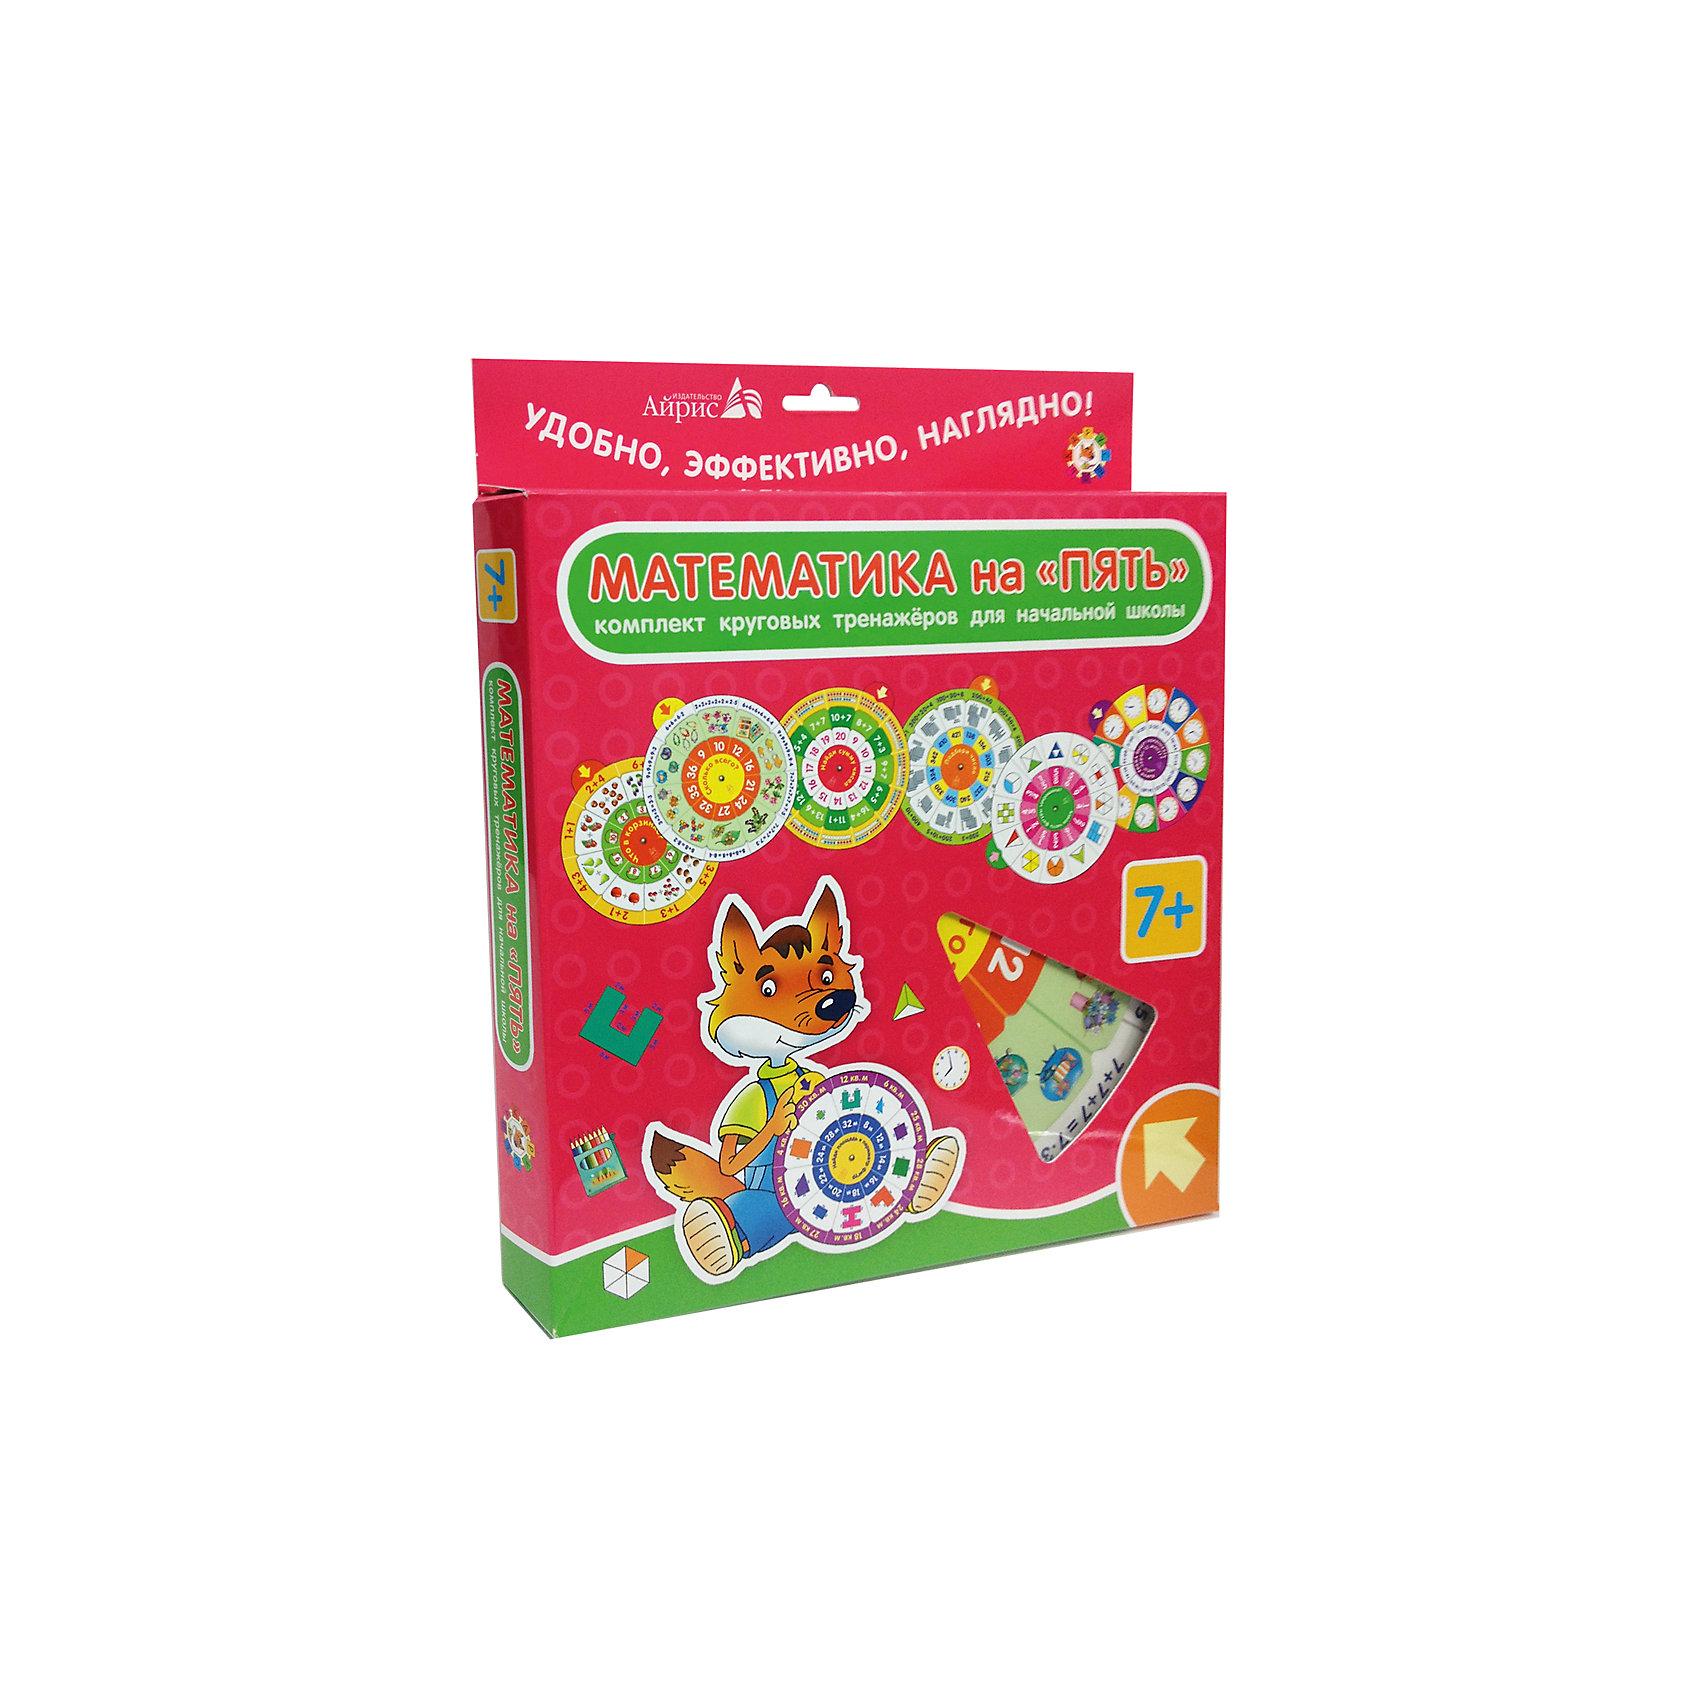 Комплект из 7 кругов Математика на 5Пособия для обучения счёту<br>Характеристики товара:<br><br>• возраст: от 7 лет<br>• комплектация: 7 круговых тренажёров; брошюра.<br>• производитель: Айрис-пресс<br>• серия: Комплекты круговых тренажеров<br>• иллюстрации: цветные<br>• материал: картон<br>• упаковка: картонная коробка<br>• размер упаковки: 26х21,5х2,5 см.<br>• вес: 192 гр.<br><br>Круговые тренажёры «Математика на пять» предназначены для учащихся начальной школы. Они помогут отработать навыки устного счёта, умножения и деления. Ребёнок узнает, что такое нумерация, научится определять время, познакомится с периметром разных фигур и т.д.<br><br>В комплект входят 7 круговых тренажёров и брошюра с подробным описанием дополнительных игр и заданий. Пособия охватывают такие темы, как «Деление»; «Счет в пределах 10»; «Умножение»; «Сложение в пределах 20»; «Время»; «Площадь и периметр фигур»; «Трехзначные числа».<br><br>Тренажёры состоят из двух или трёх кругов, соединённых в центре, и держателя (контрольного язычка). Для решения задачи необходимо подобрать соответствующие сектора. Правильность выполнения задания определяется с помощью специальных отверстий на держателе на обратной стороне пособия.<br><br>Пособия могут использоваться вне зависимости от того, по какому учебнику учится ребёнок, просты и доступны в использовании.<br><br>Комплект из 7 кругов Математика на 5 можно купить в нашем интернет-магазине.<br><br>Ширина мм: 26<br>Глубина мм: 220<br>Высота мм: 260<br>Вес г: 261<br>Возраст от месяцев: 84<br>Возраст до месяцев: 120<br>Пол: Унисекс<br>Возраст: Детский<br>SKU: 6849628